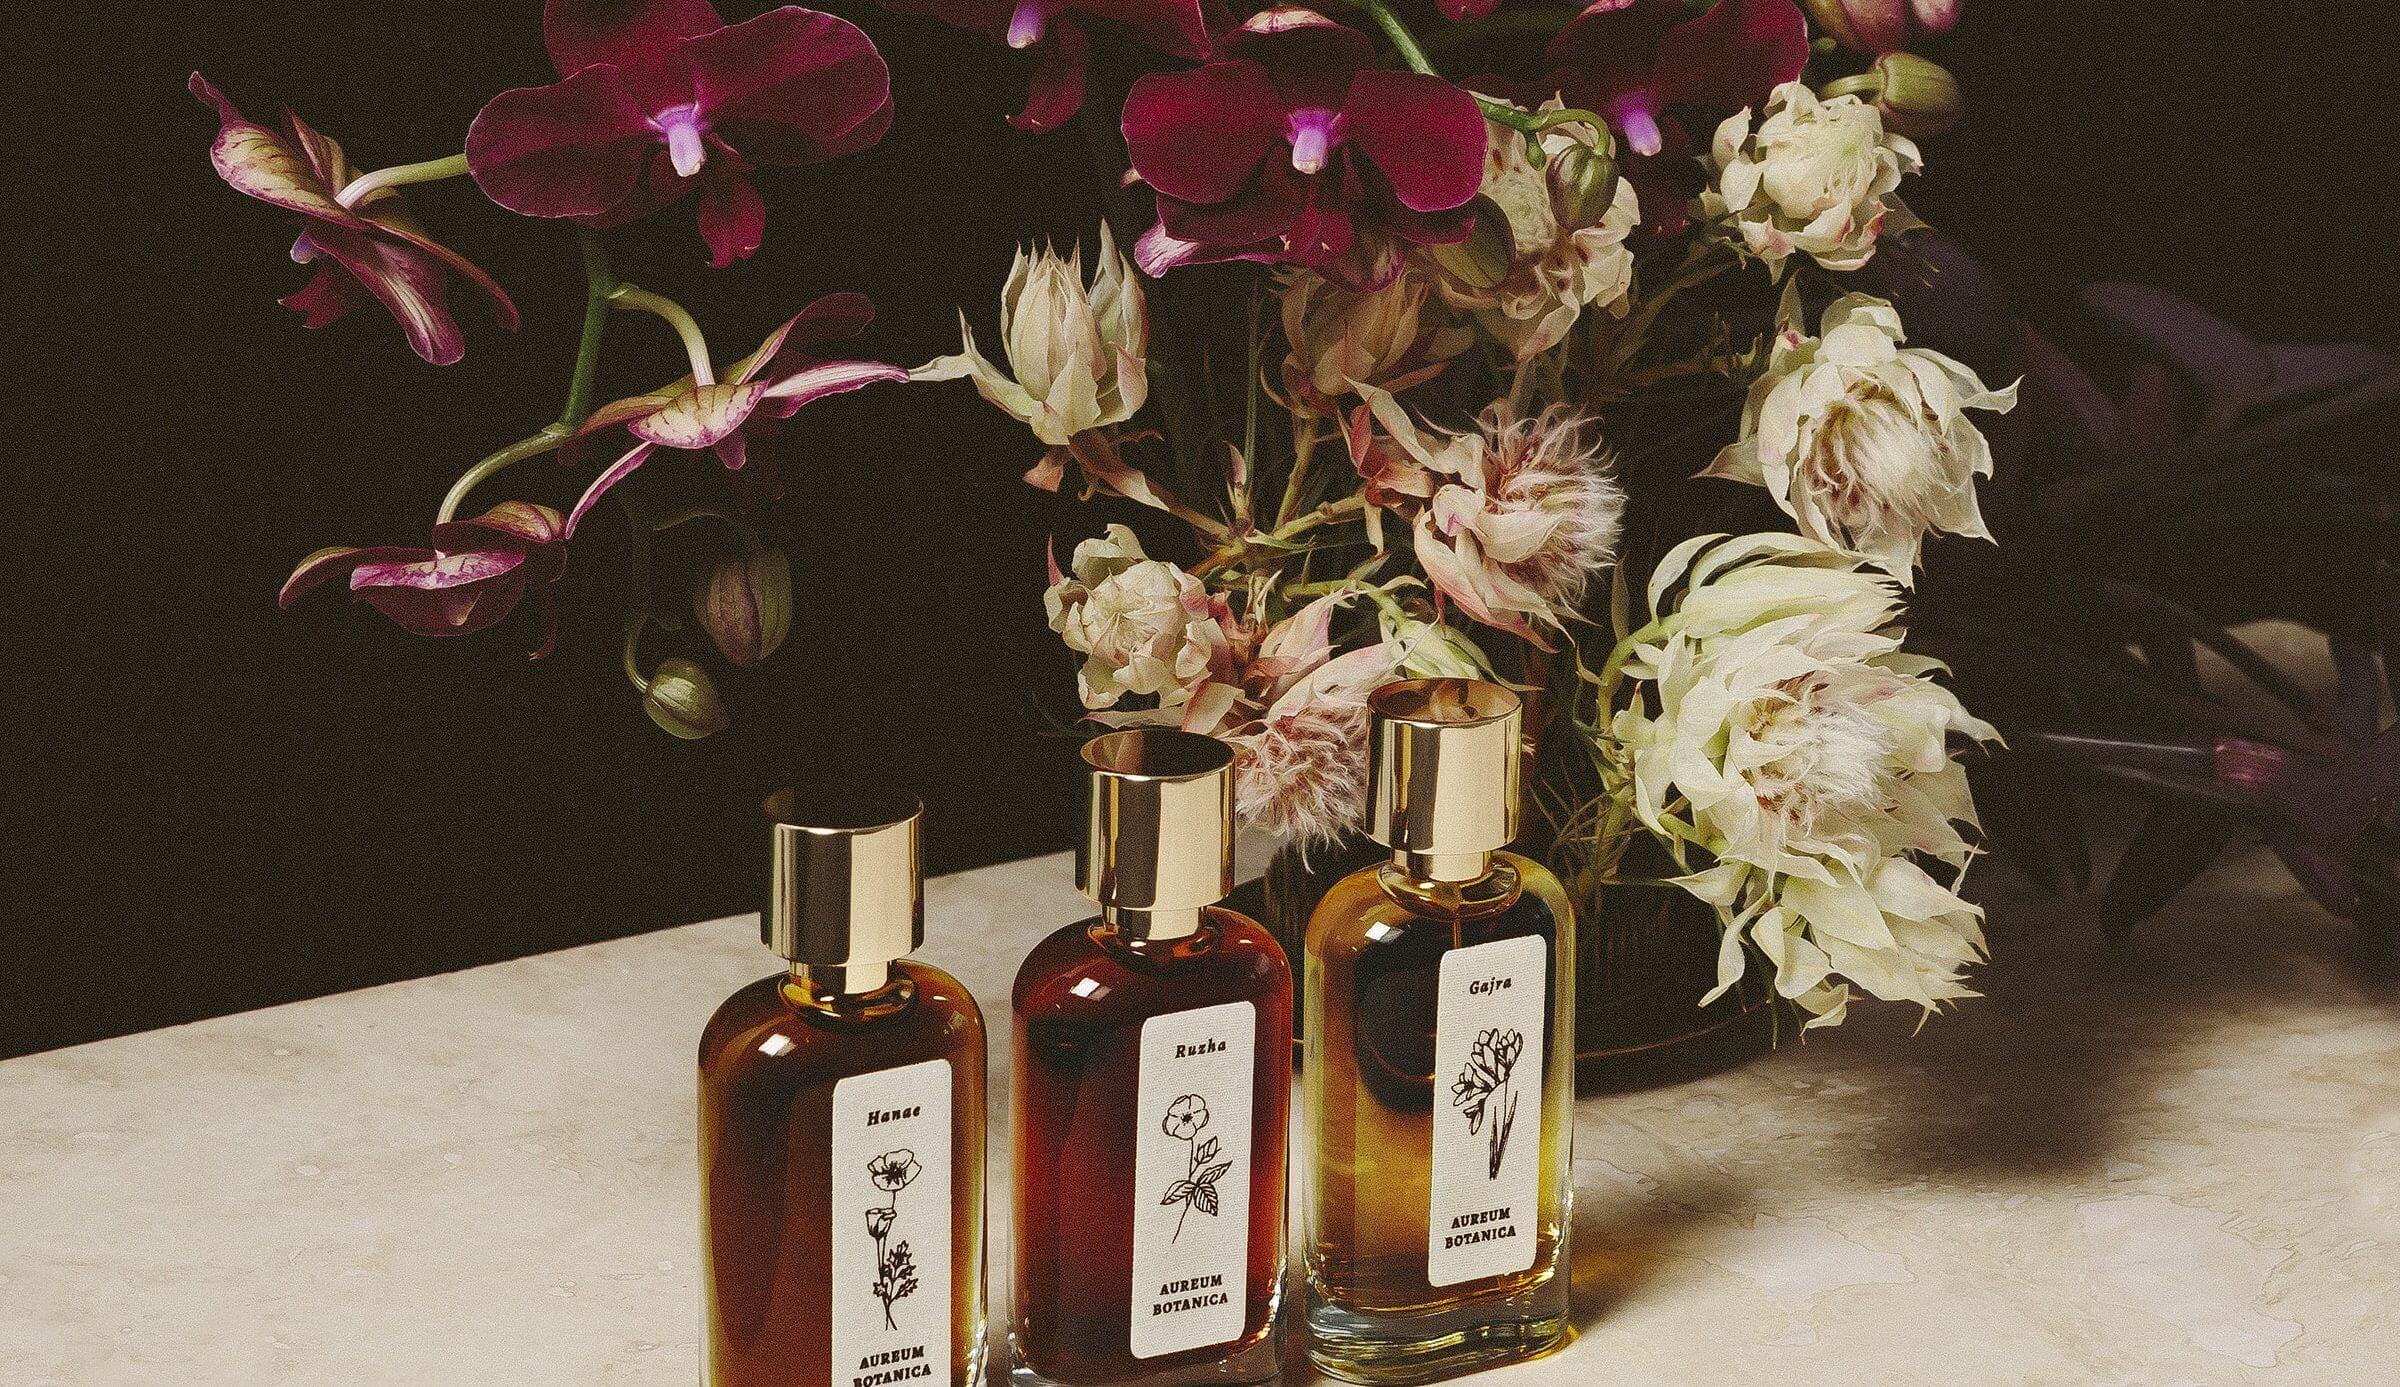 حضور رایحه های خوشبو زنبق و ریحان در عطرهای محبوب شما